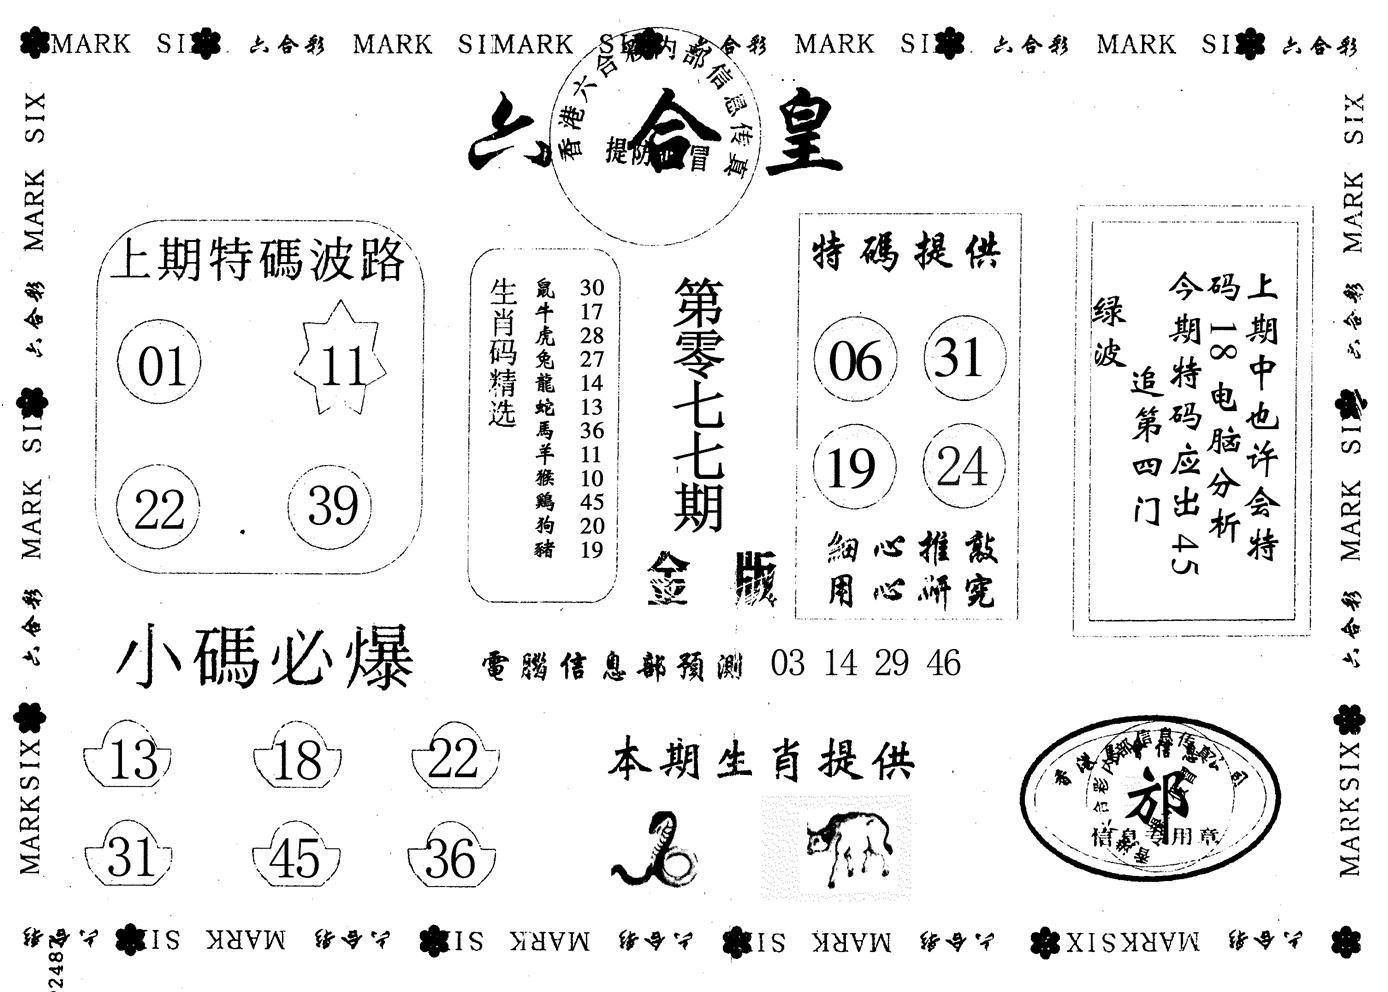 077期金版六合皇(黑白)